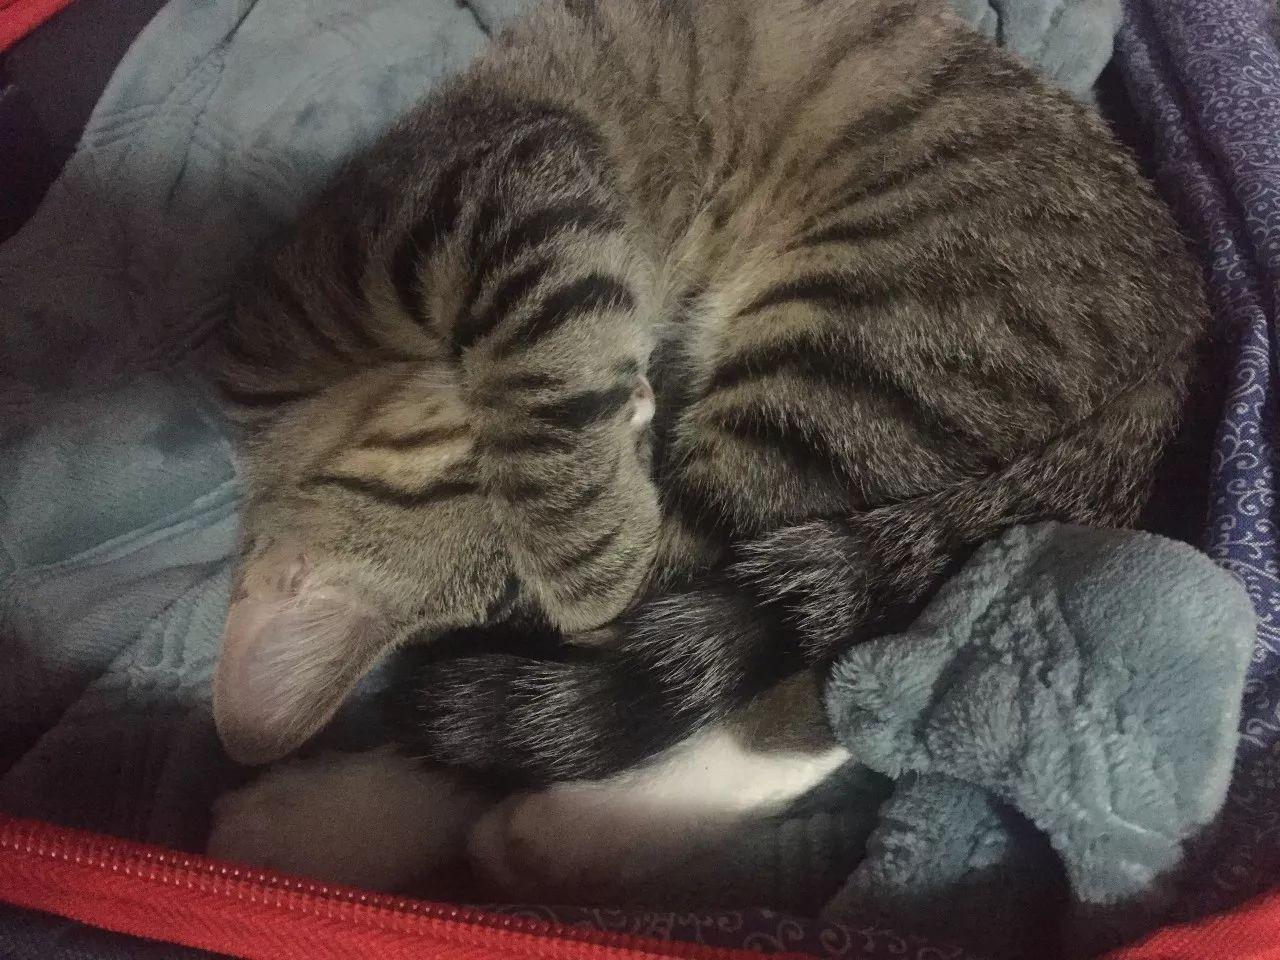 谢谢你们点进来~ 我家的猫刚来的时候那么小一点 在身上超级可爱 冬天